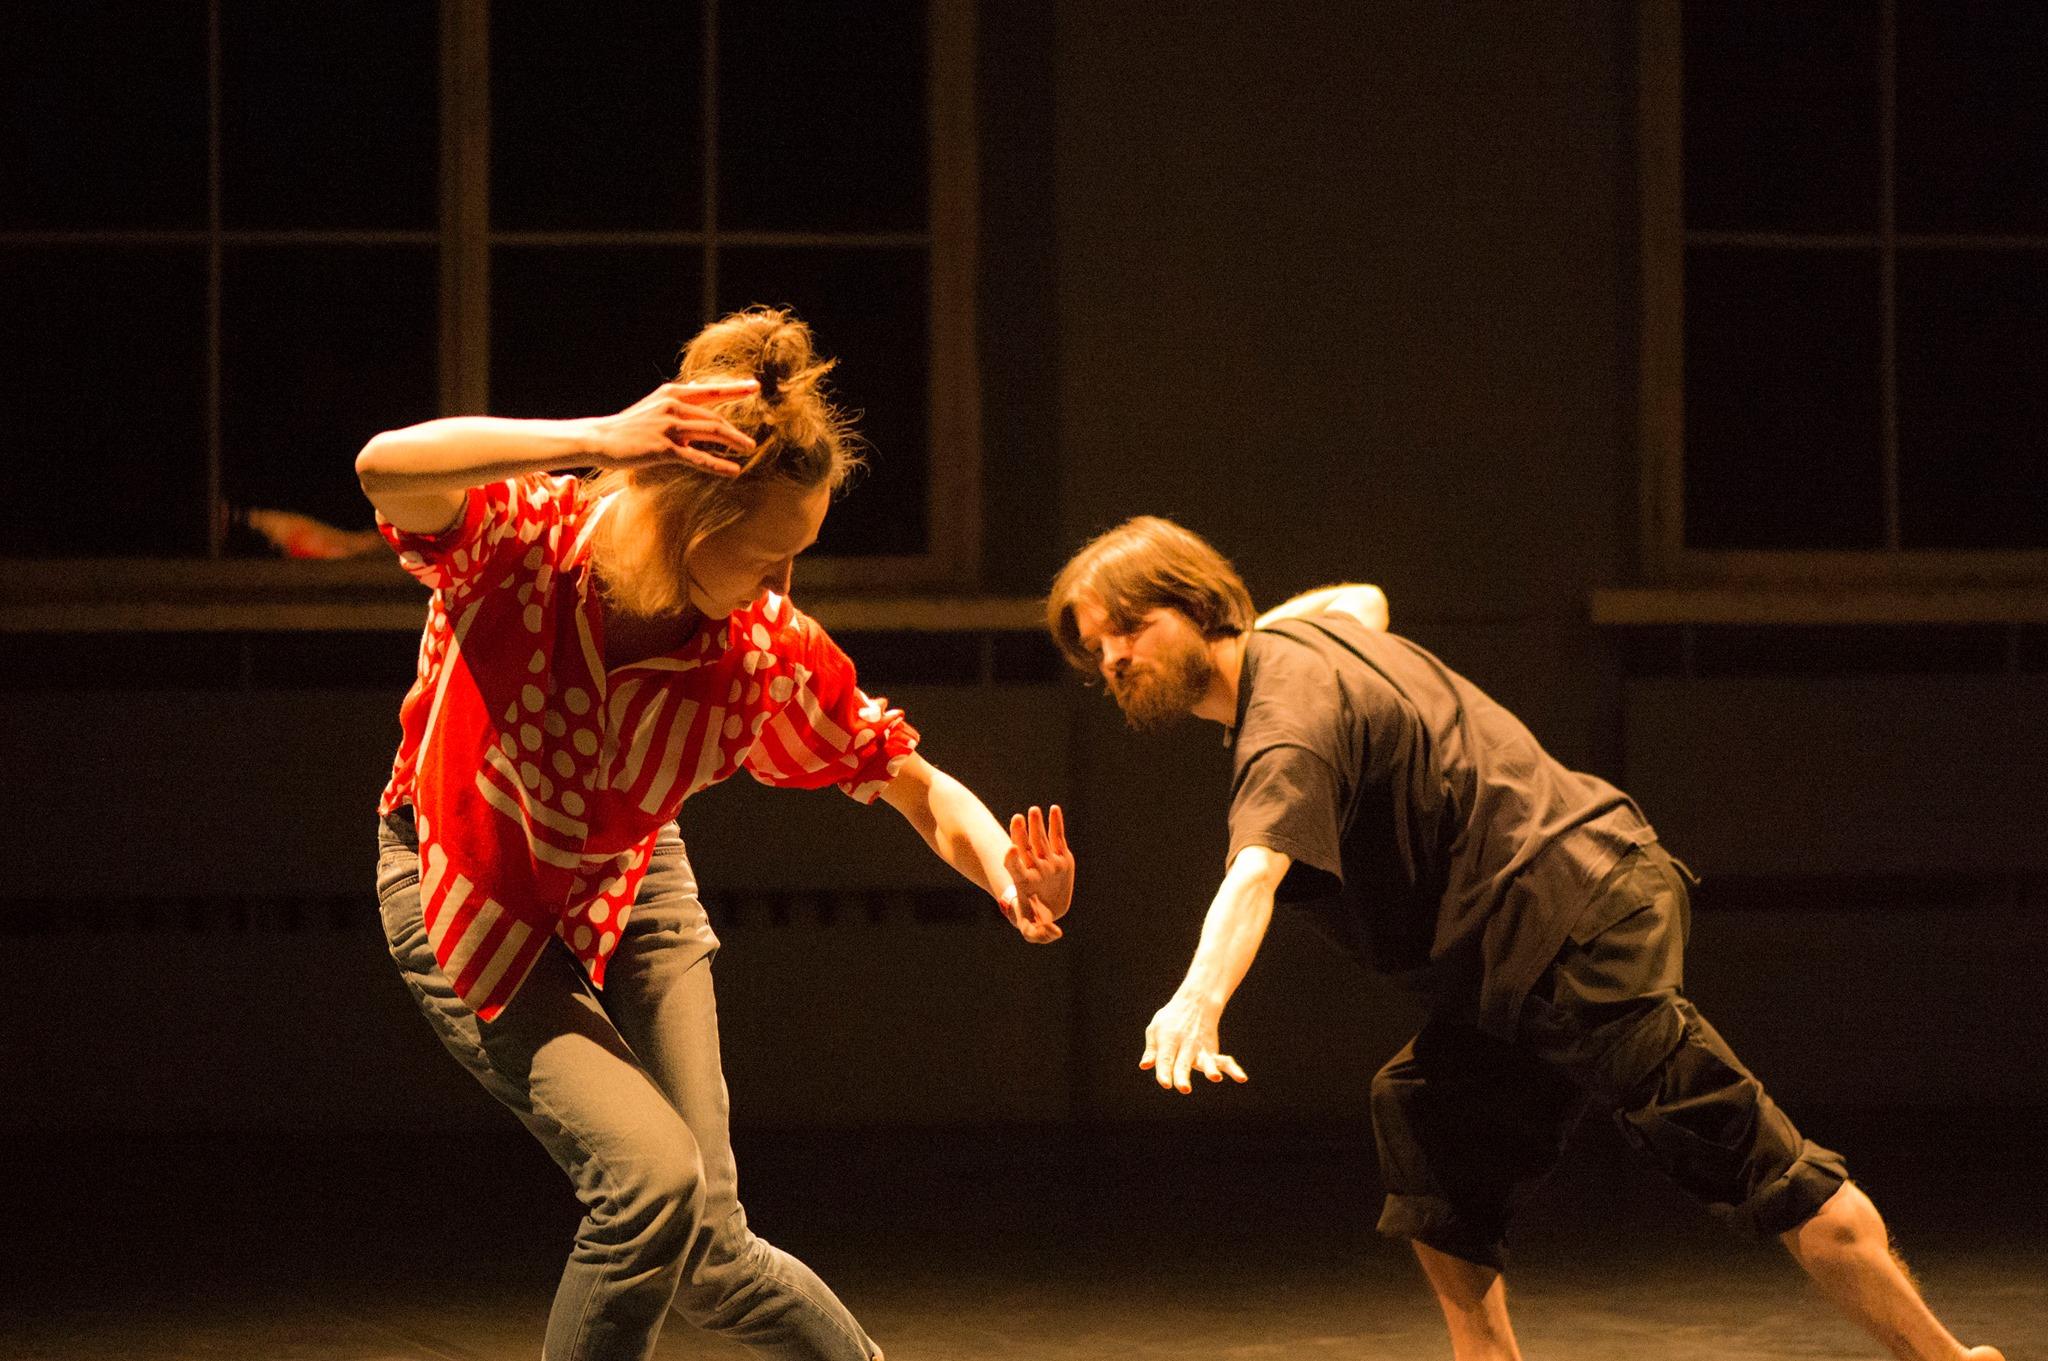 Liikumispraktikum: Kaasaegne keha improvisatsioonilised tantsutunnid